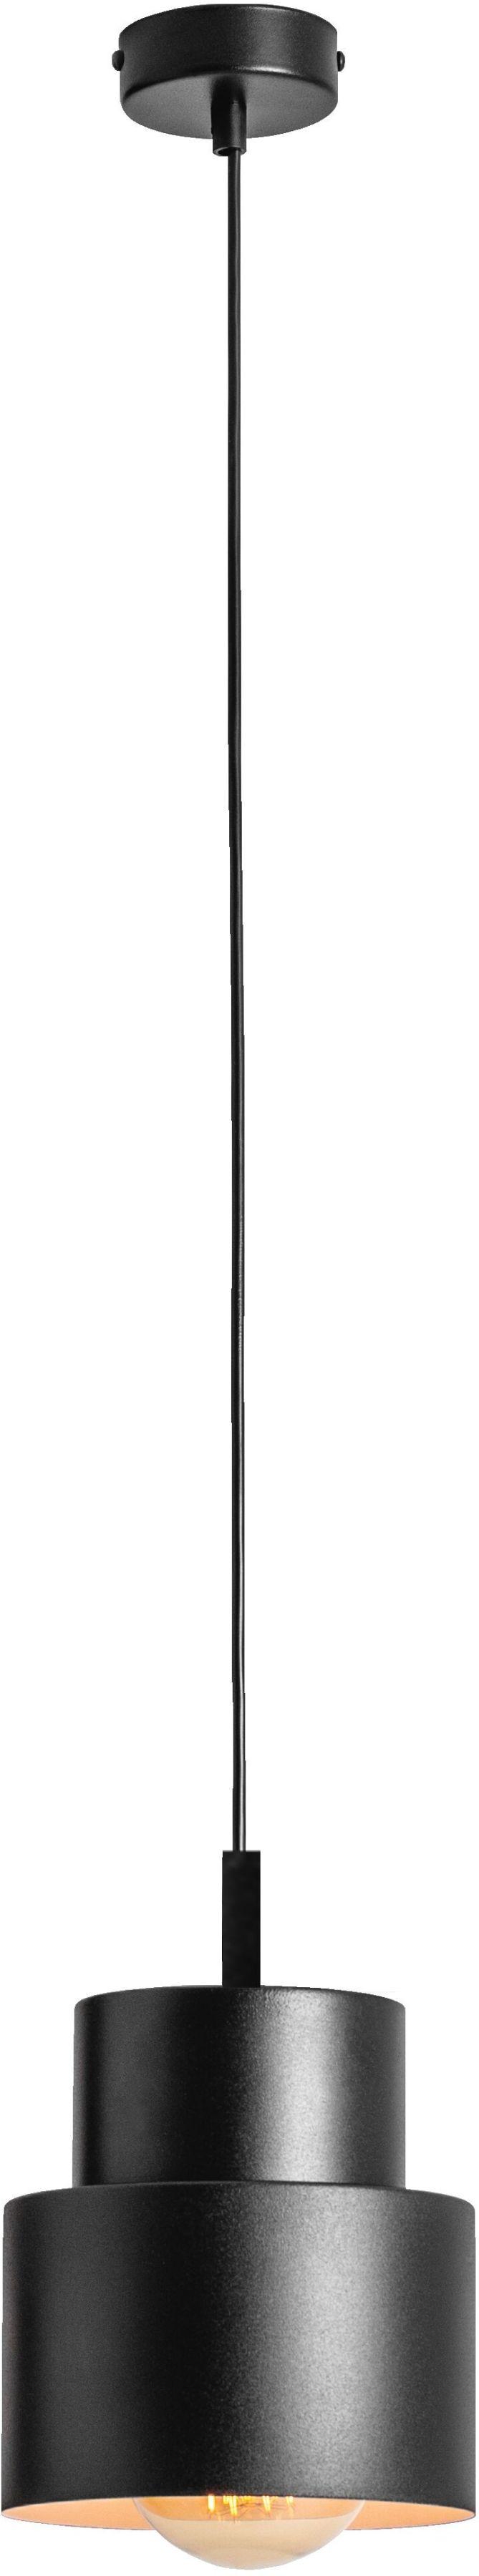 Lampa wisząca 1 punktowa Kadm 1028G1 czarna - Aldex Do -17% rabatu w koszyku i darmowa dostawa od 299zł !